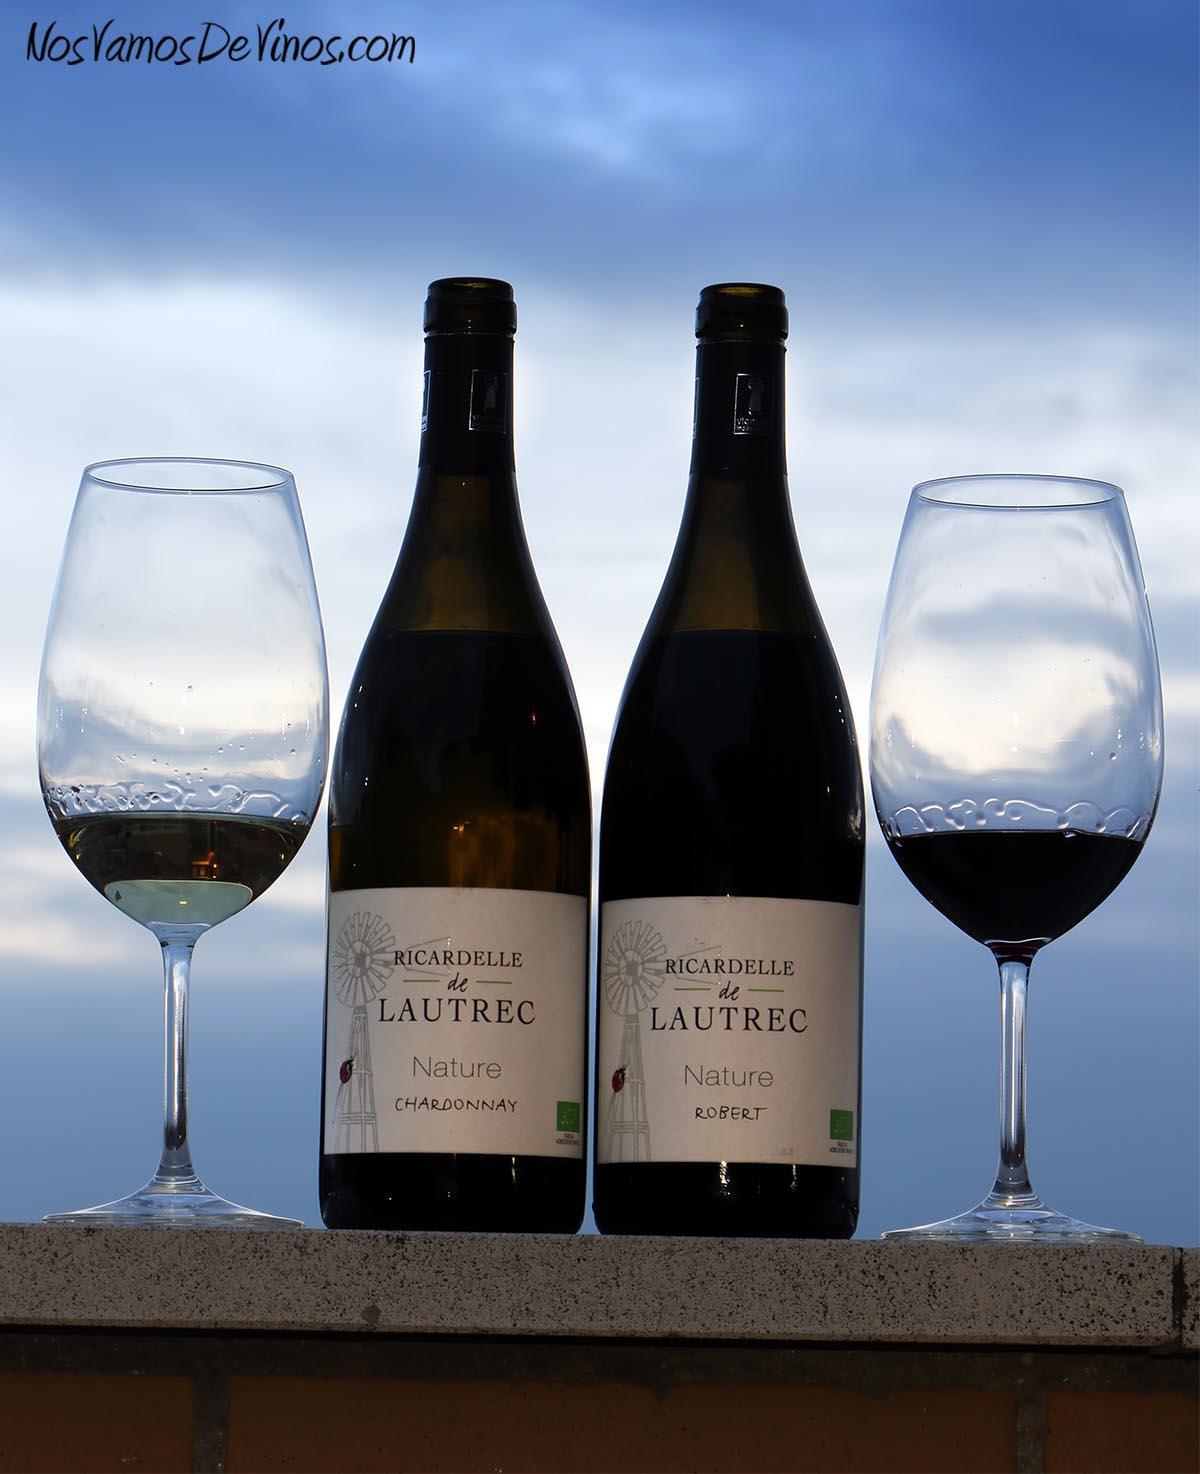 Ricardelle de Lautrec Nature Chardonnay 2019 y Robert 2019